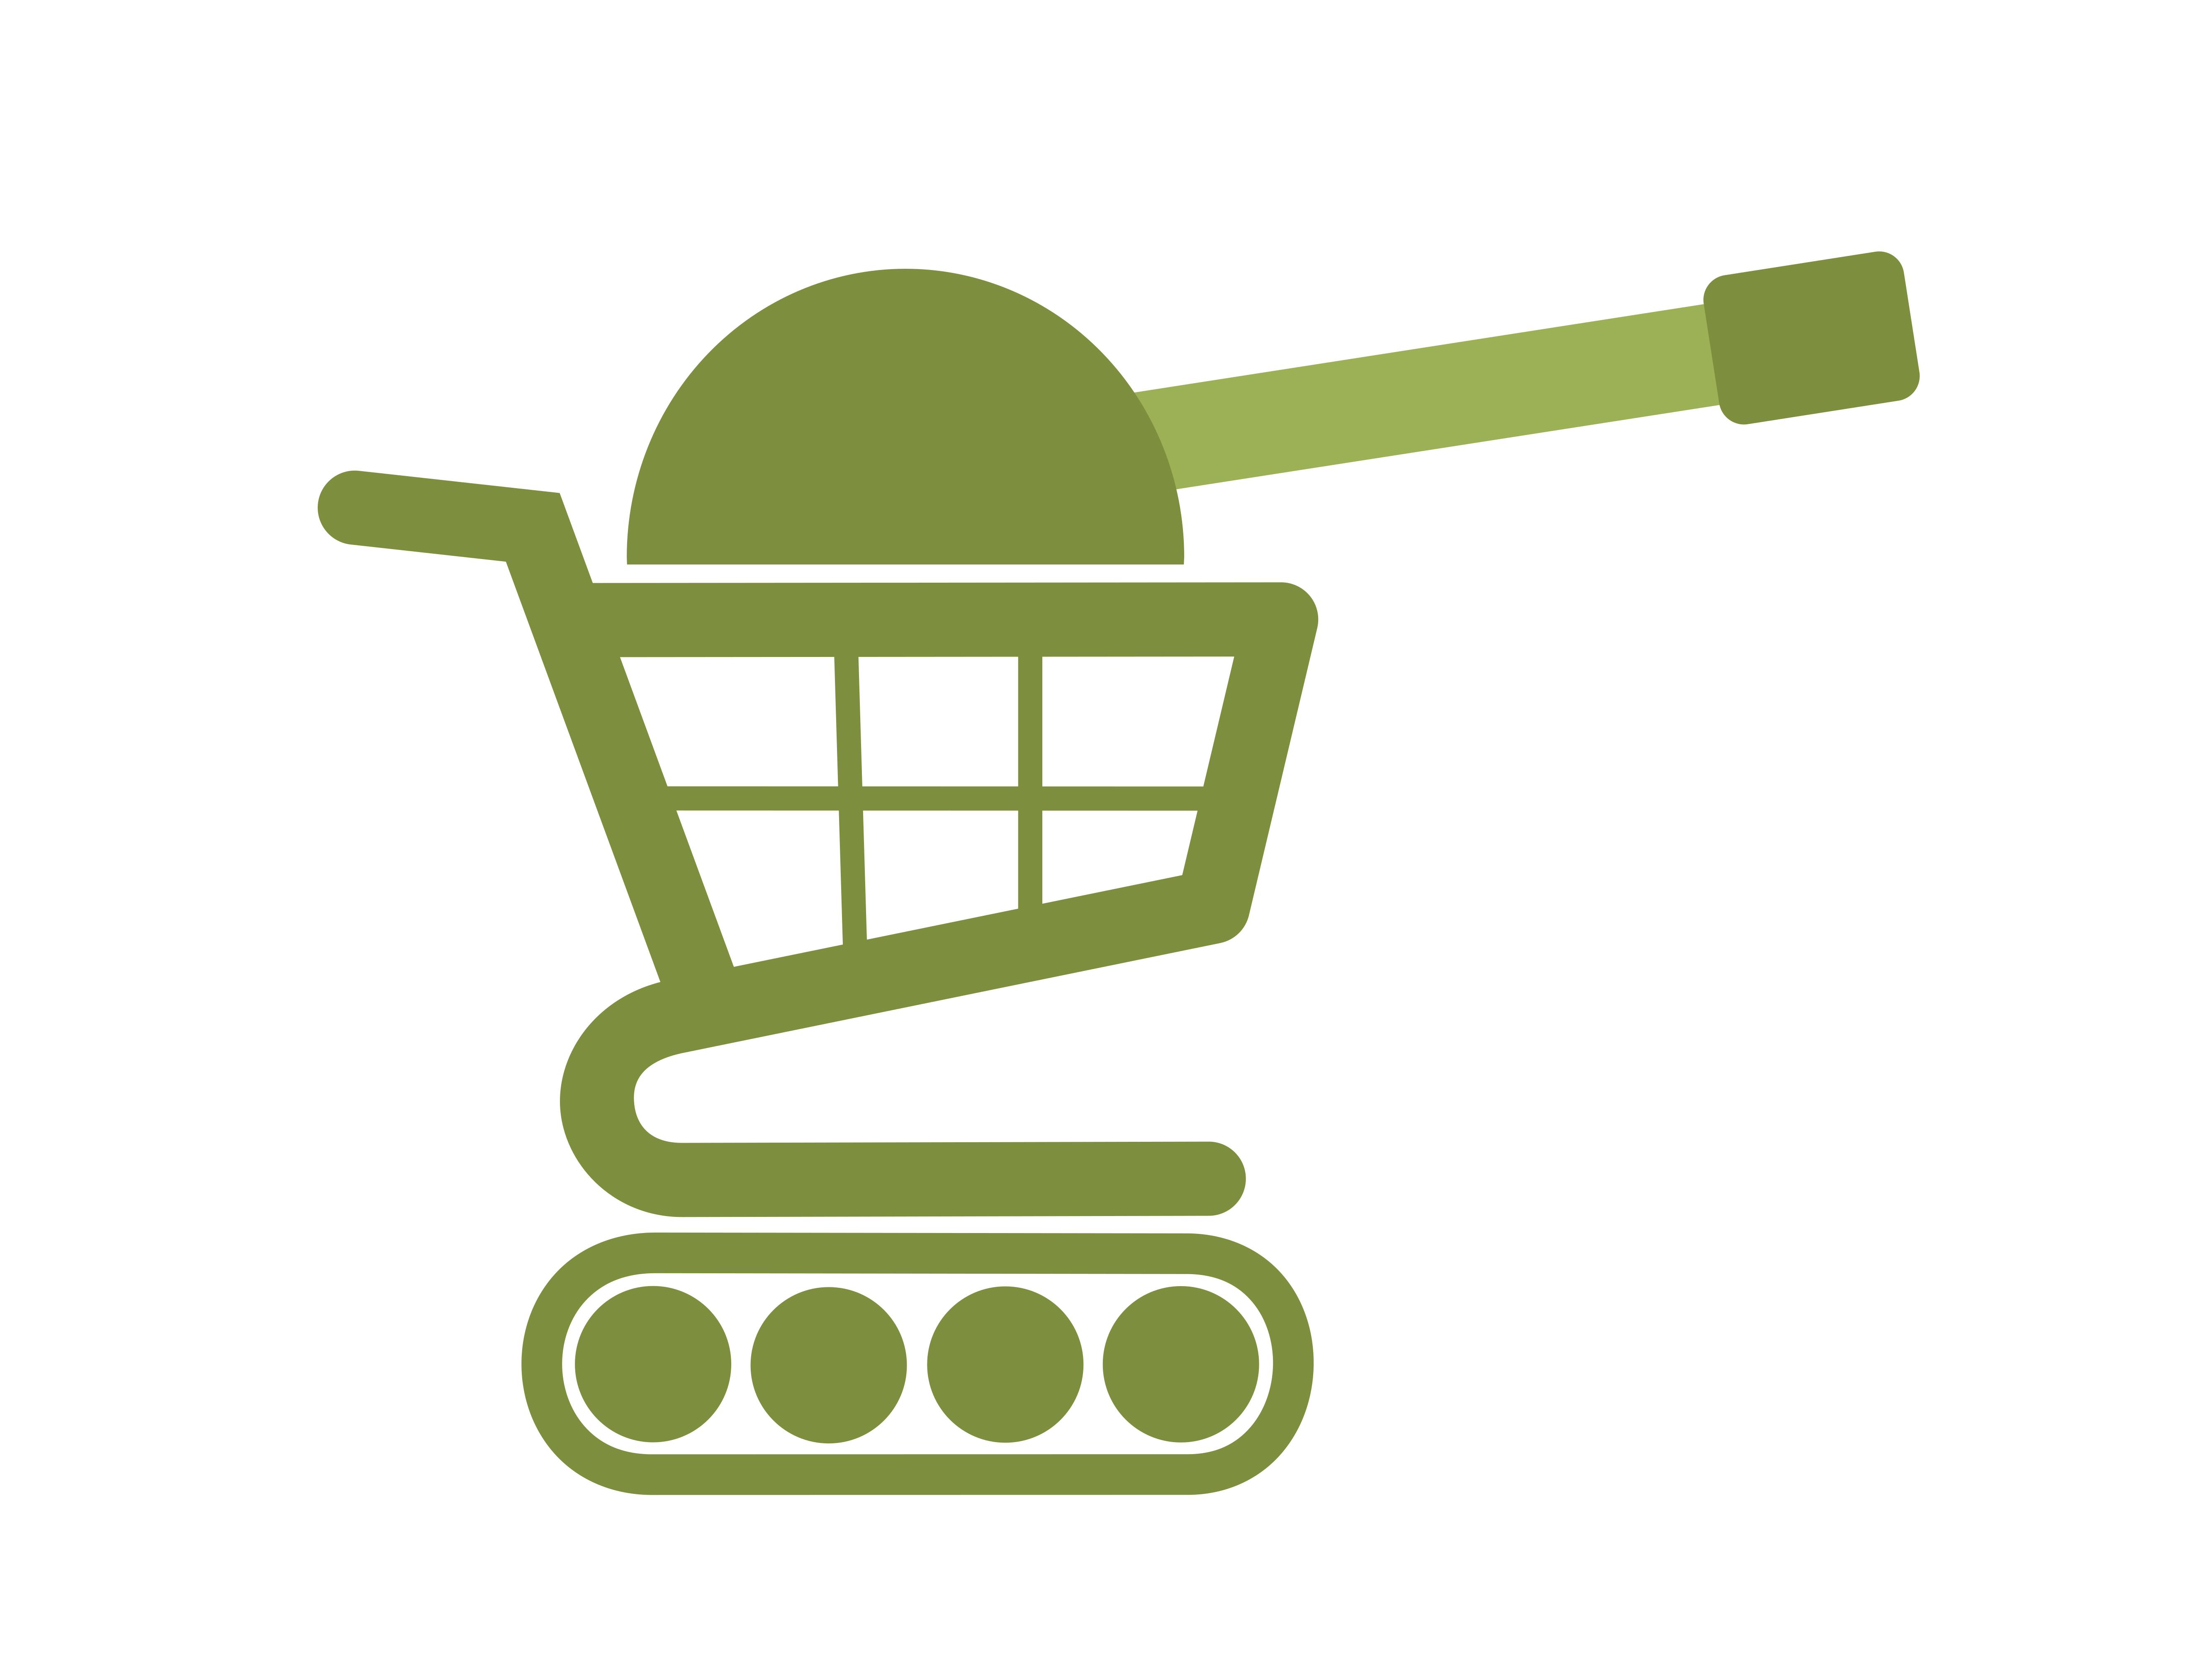 Geekonomía: ¿De qué sirven las sanciones económicas?